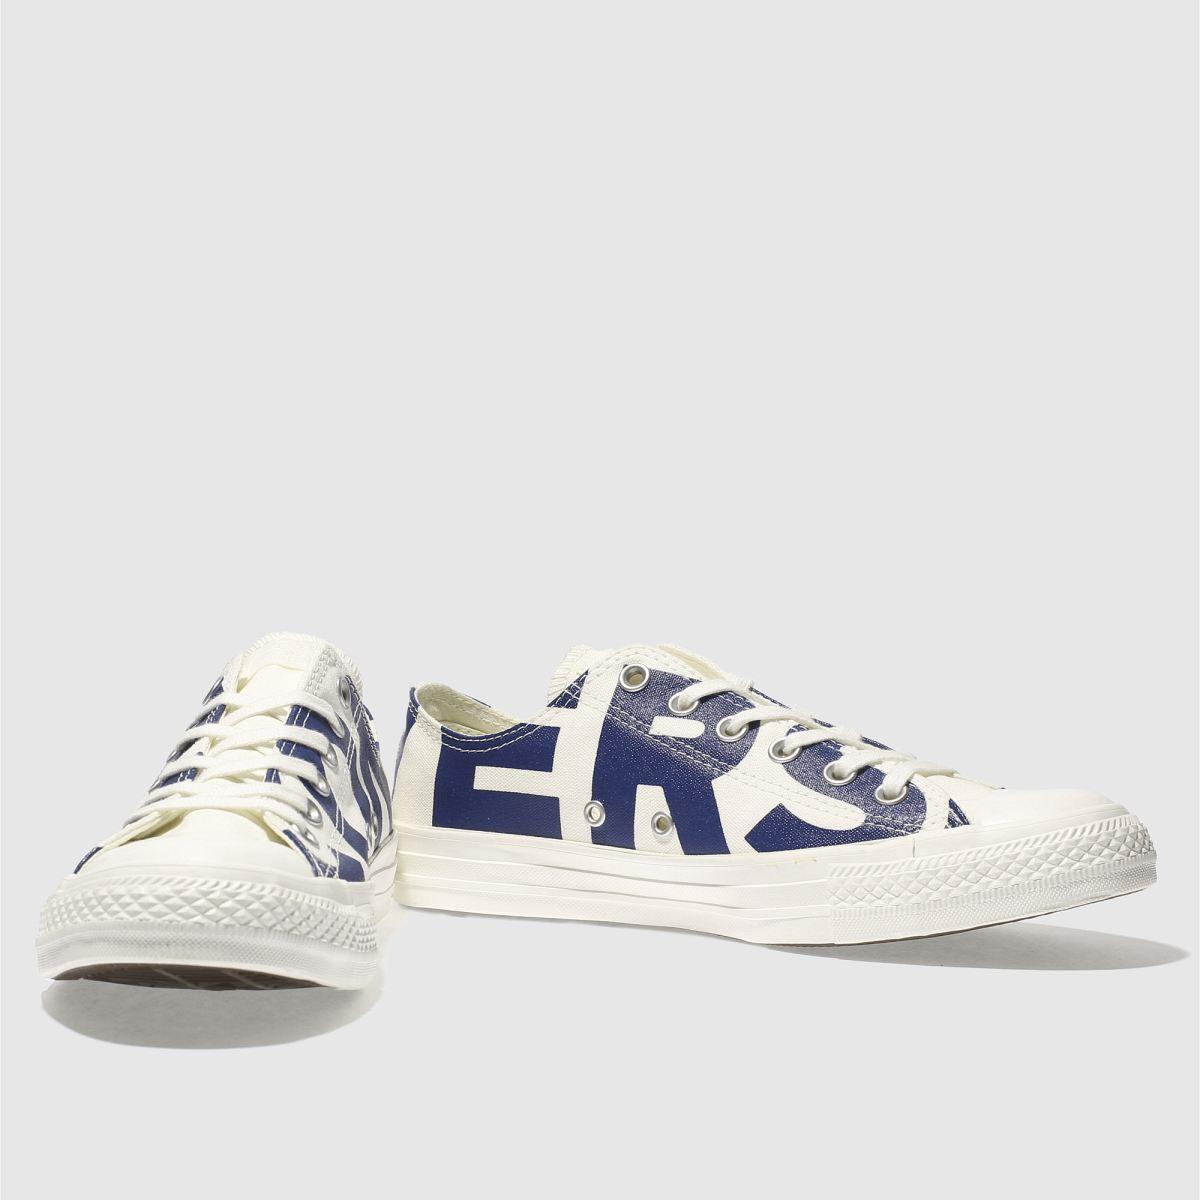 Herren Naturfarben converse All Star Wordmark Ox Sneaker | Schuhe schuh Gute Qualität beliebte Schuhe | 359d4a